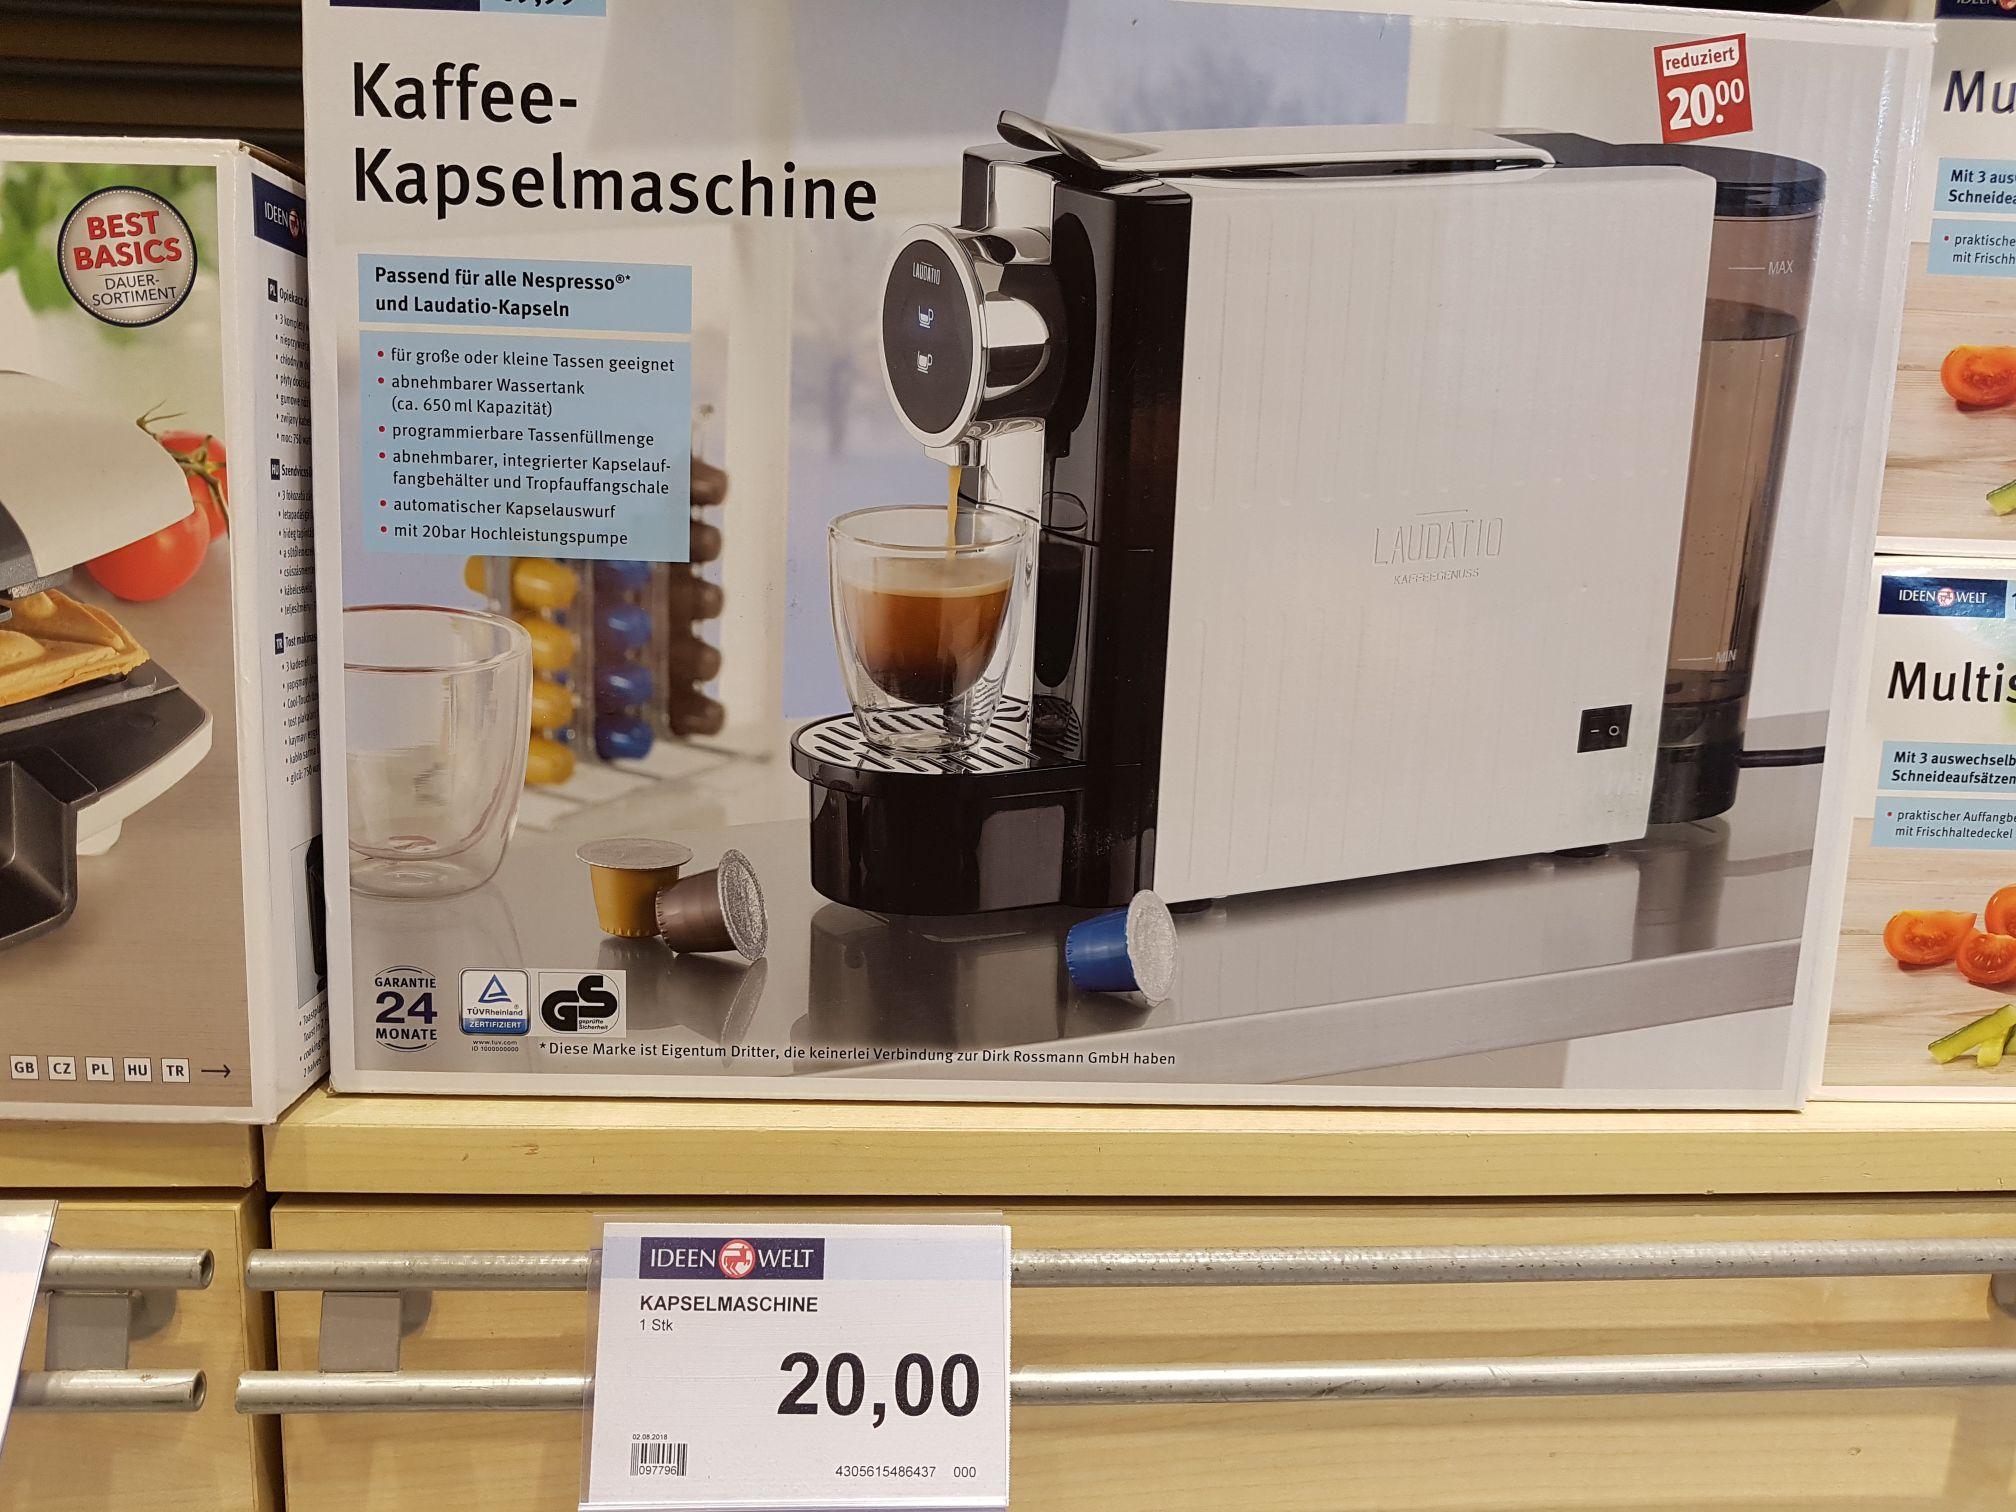 [Rossmann Jena-Zentrum] Kaffee-Kapselmaschine von 70 auf 20€ reduziert